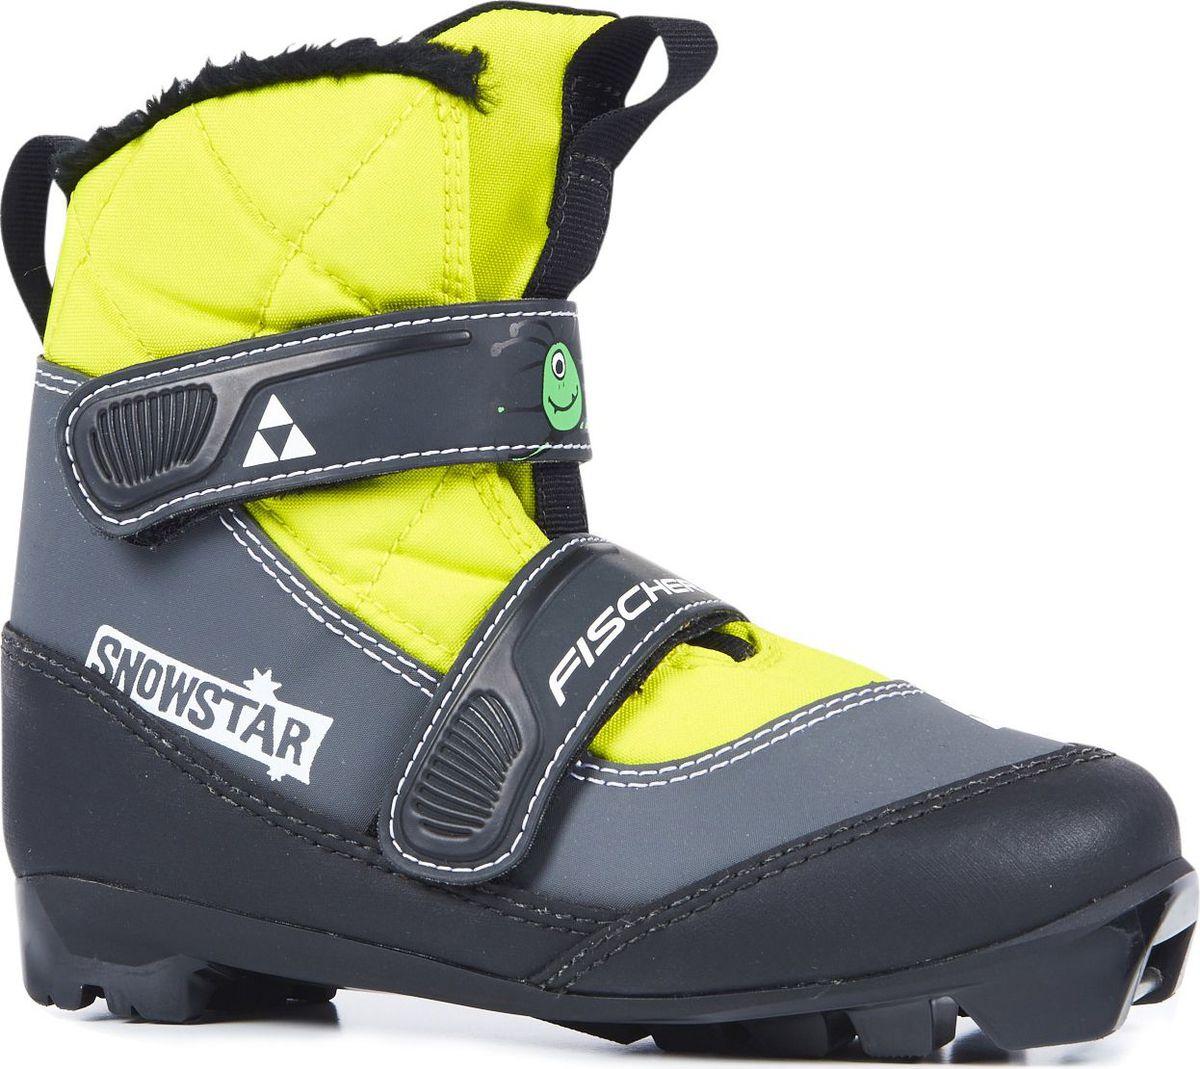 Ботинки лыжные для мальчика Fischer Snowstar, цвет: желтый. S41017. Размер 29S41017Лыжные ботинки Fischer Snowstar - модель для самых маленьких лыжников. Комфортная мягкая подошва, водоотталкивающий утеплитель Comfort Guard дополнительно защищает от холода и влаги, удобная застежка-липучка облегчает надевание. В ботинках удобно не только кататься, но и гулять, играть. Преимущества для потребителей: - Удобно надевать и снимать. - Очень теплые. - Подходят для катания и игр на снегу.Как выбрать лыжи ребёнку. Статья OZON Гид